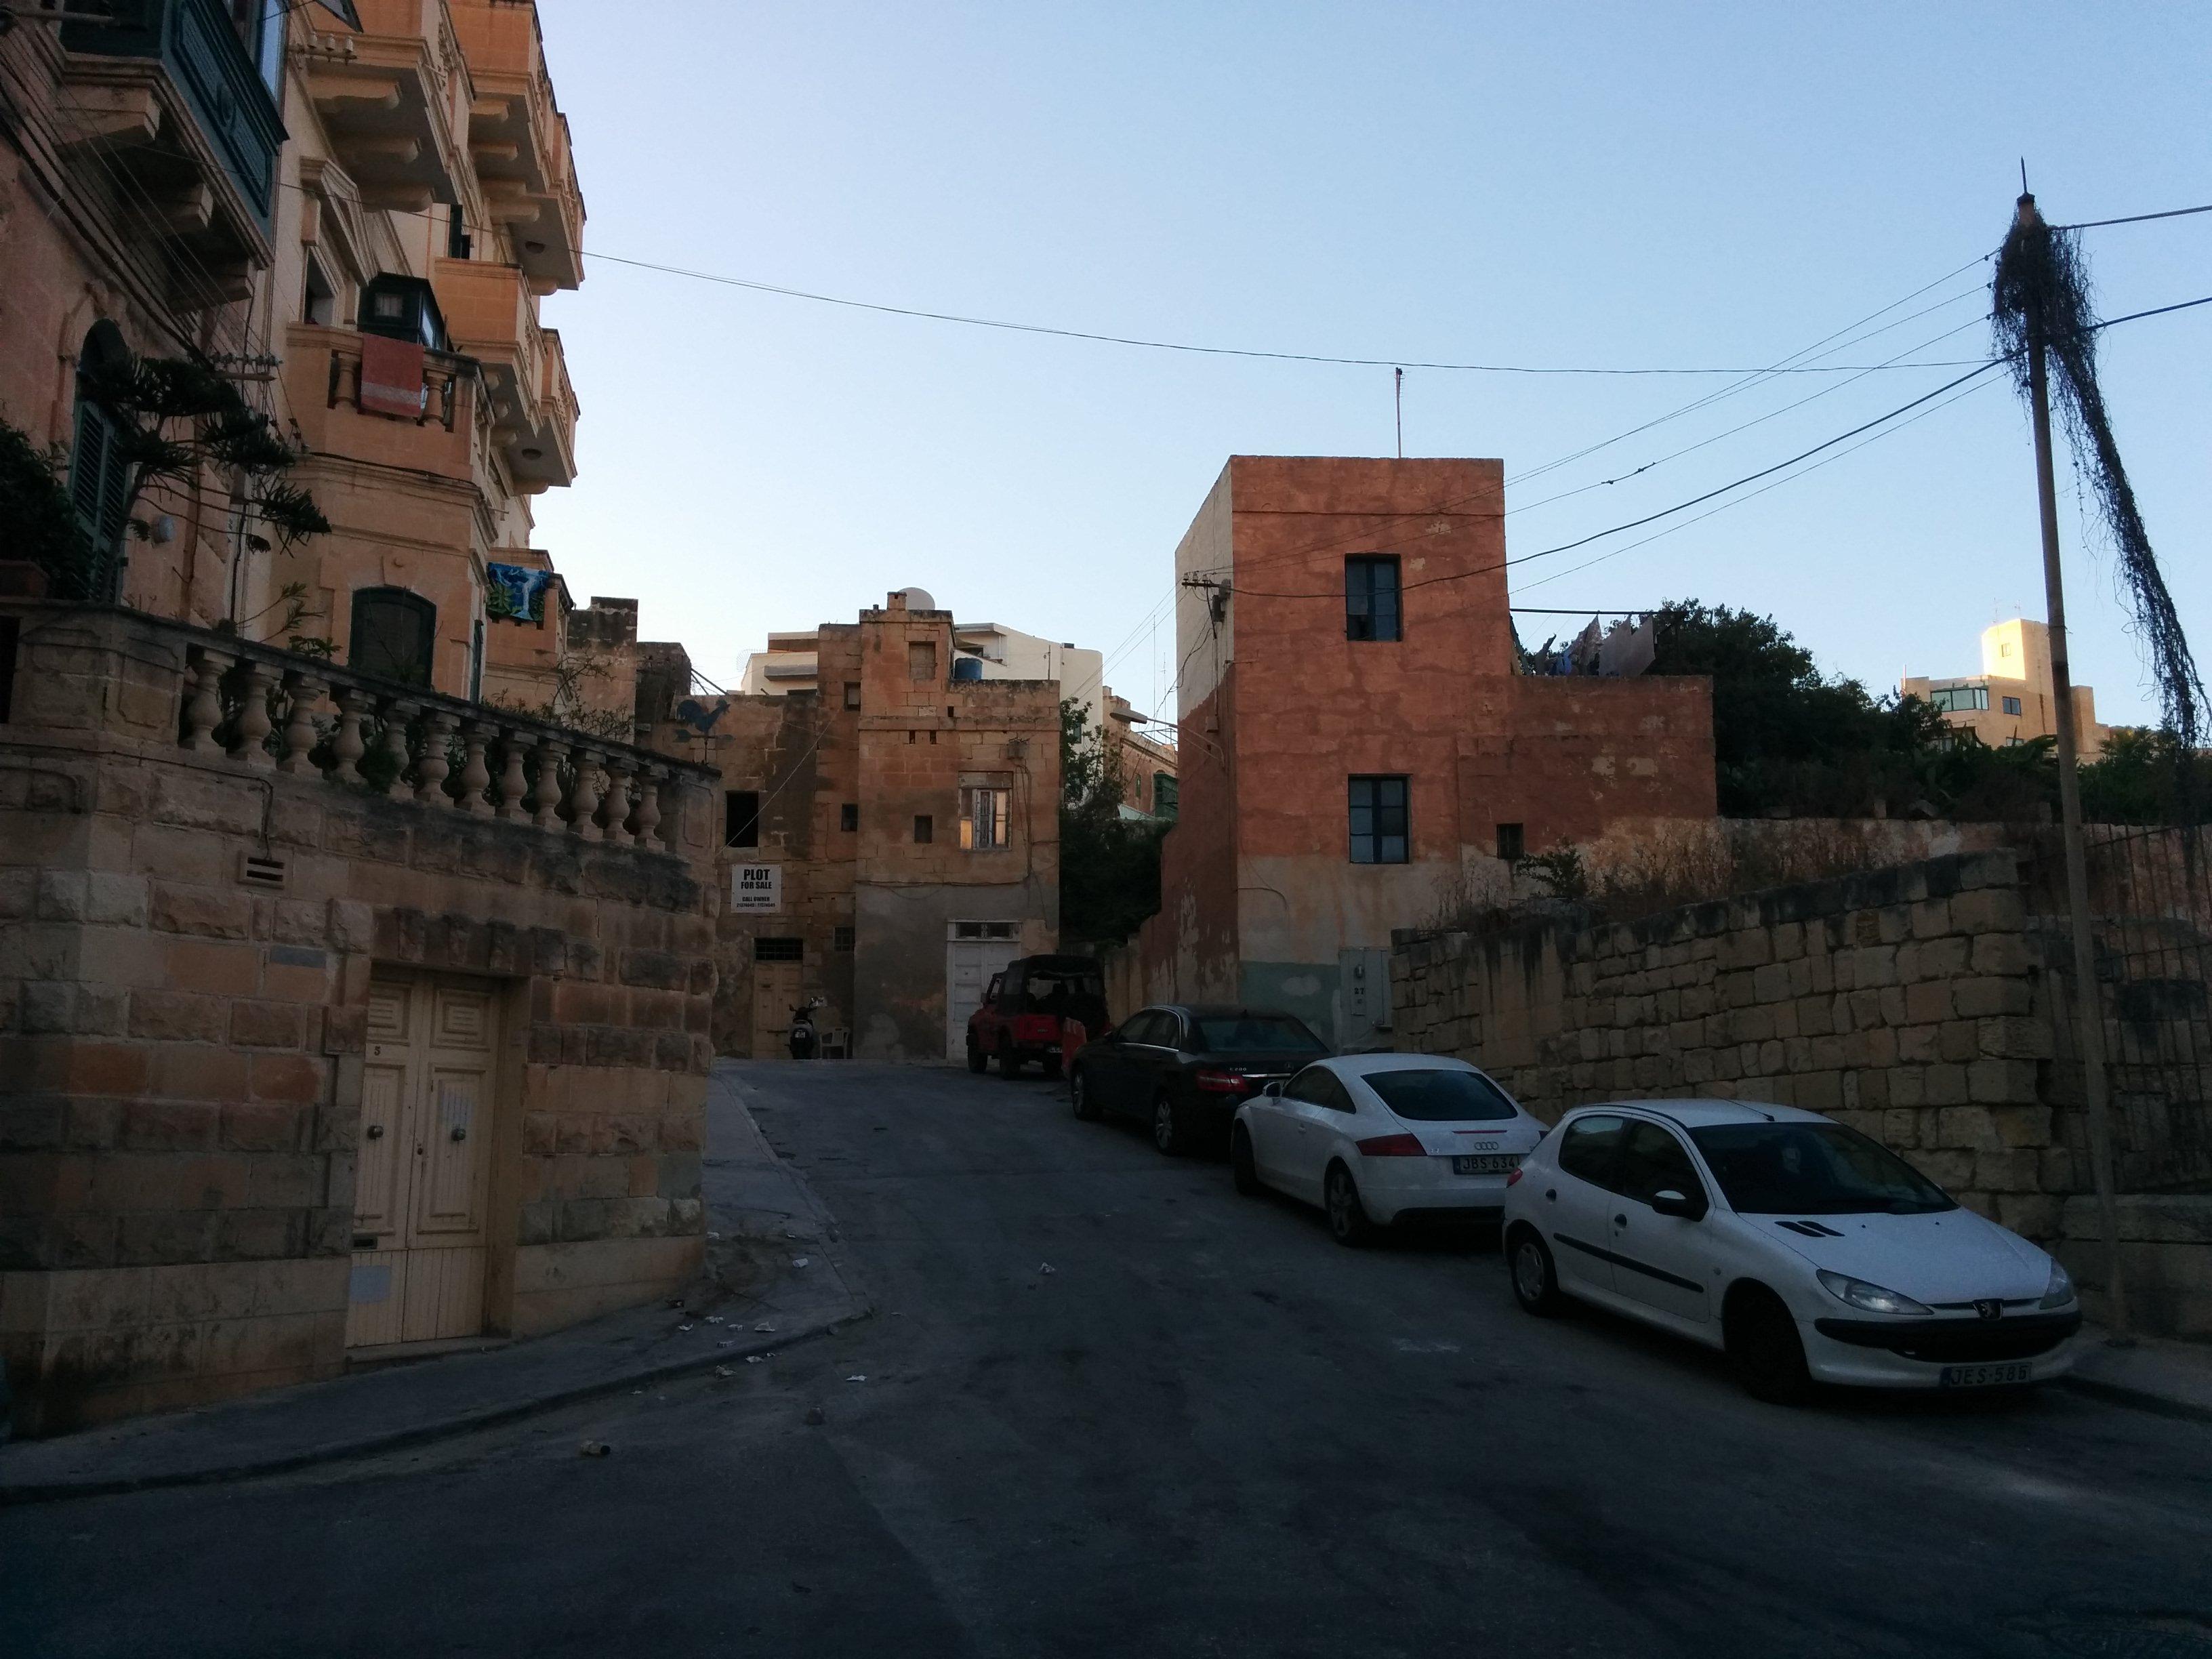 Calle típica en Malta